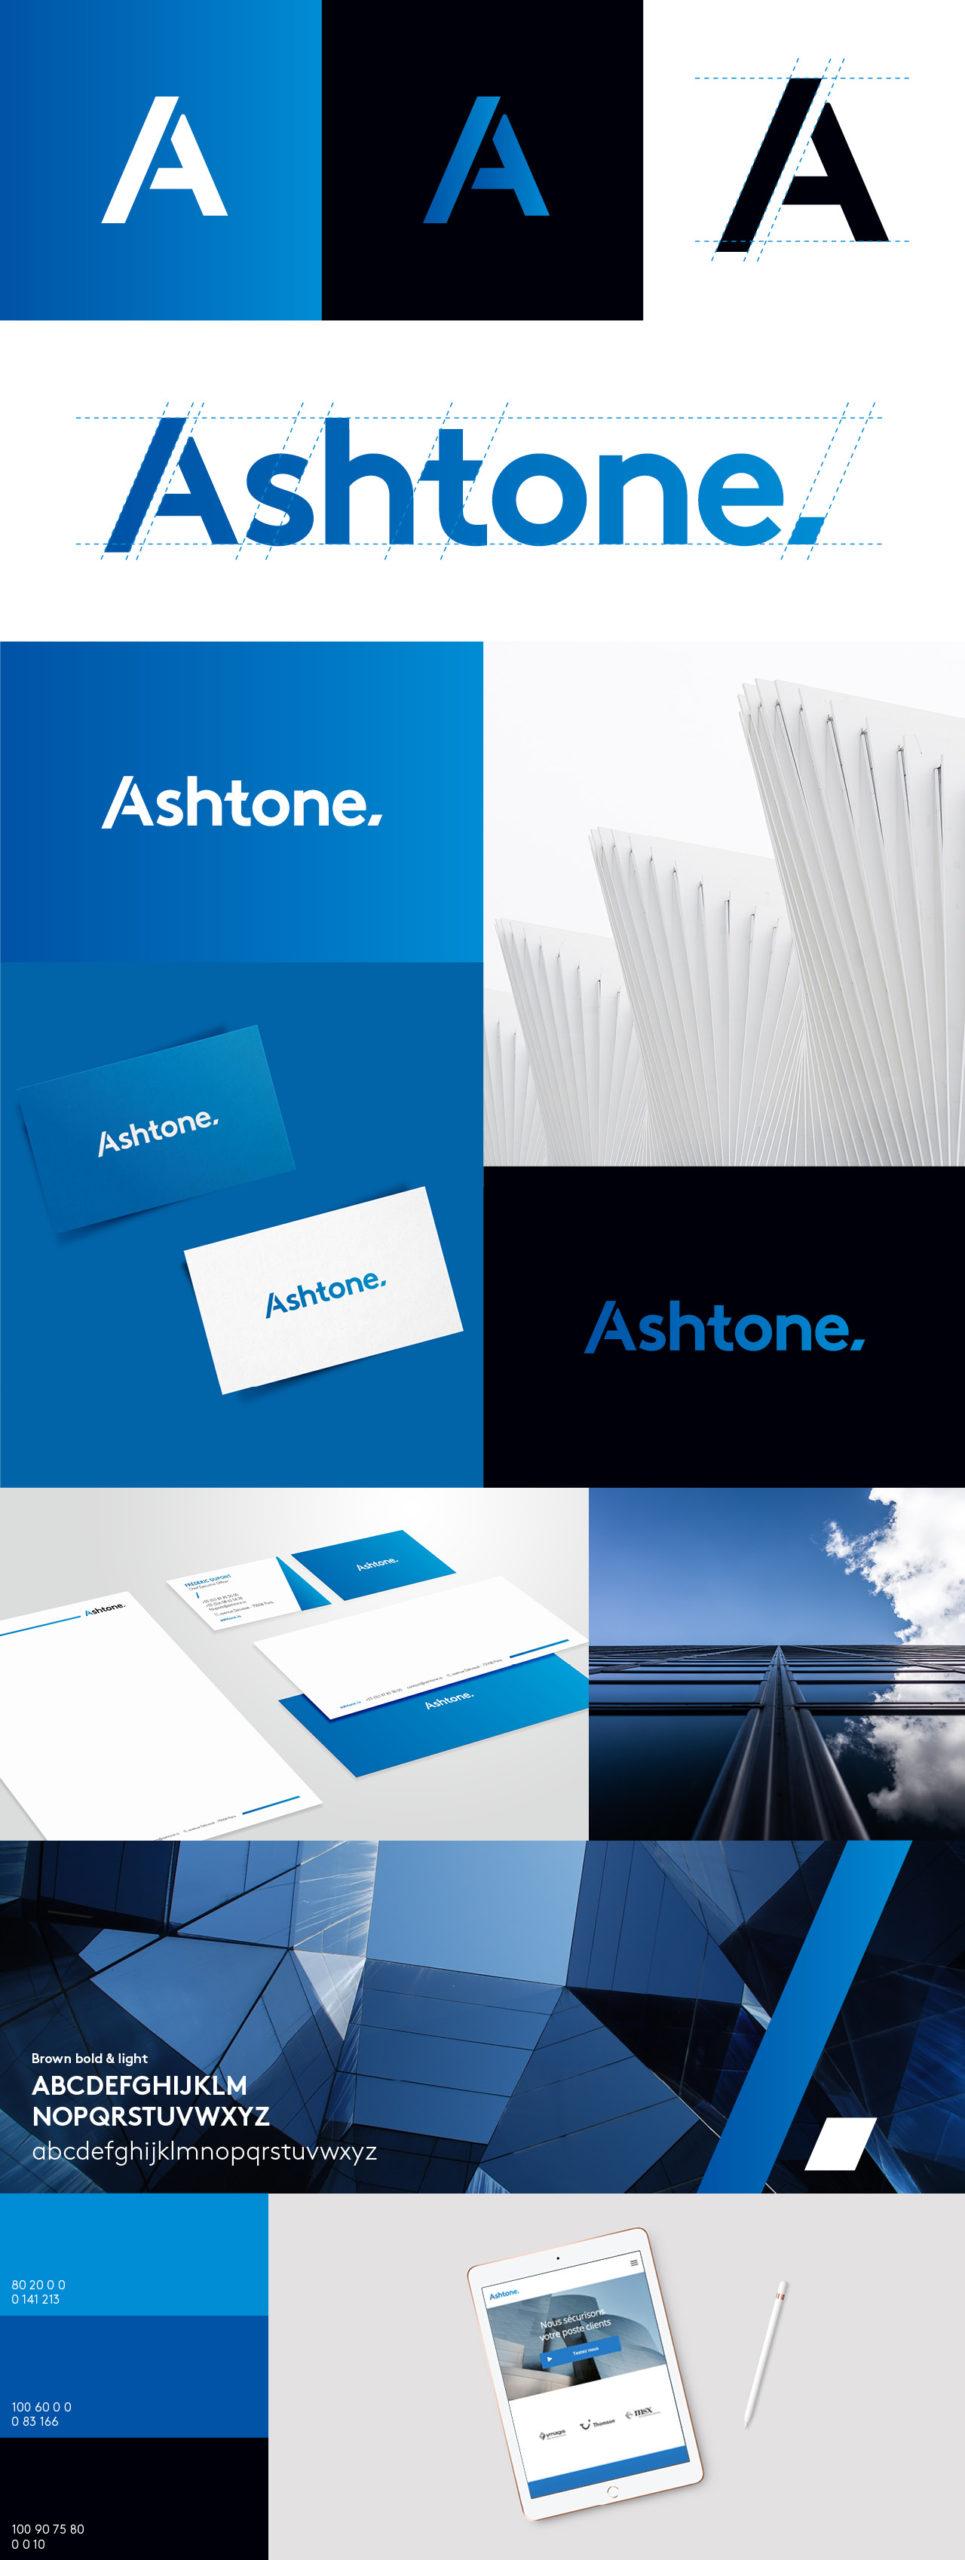 ASHTONE